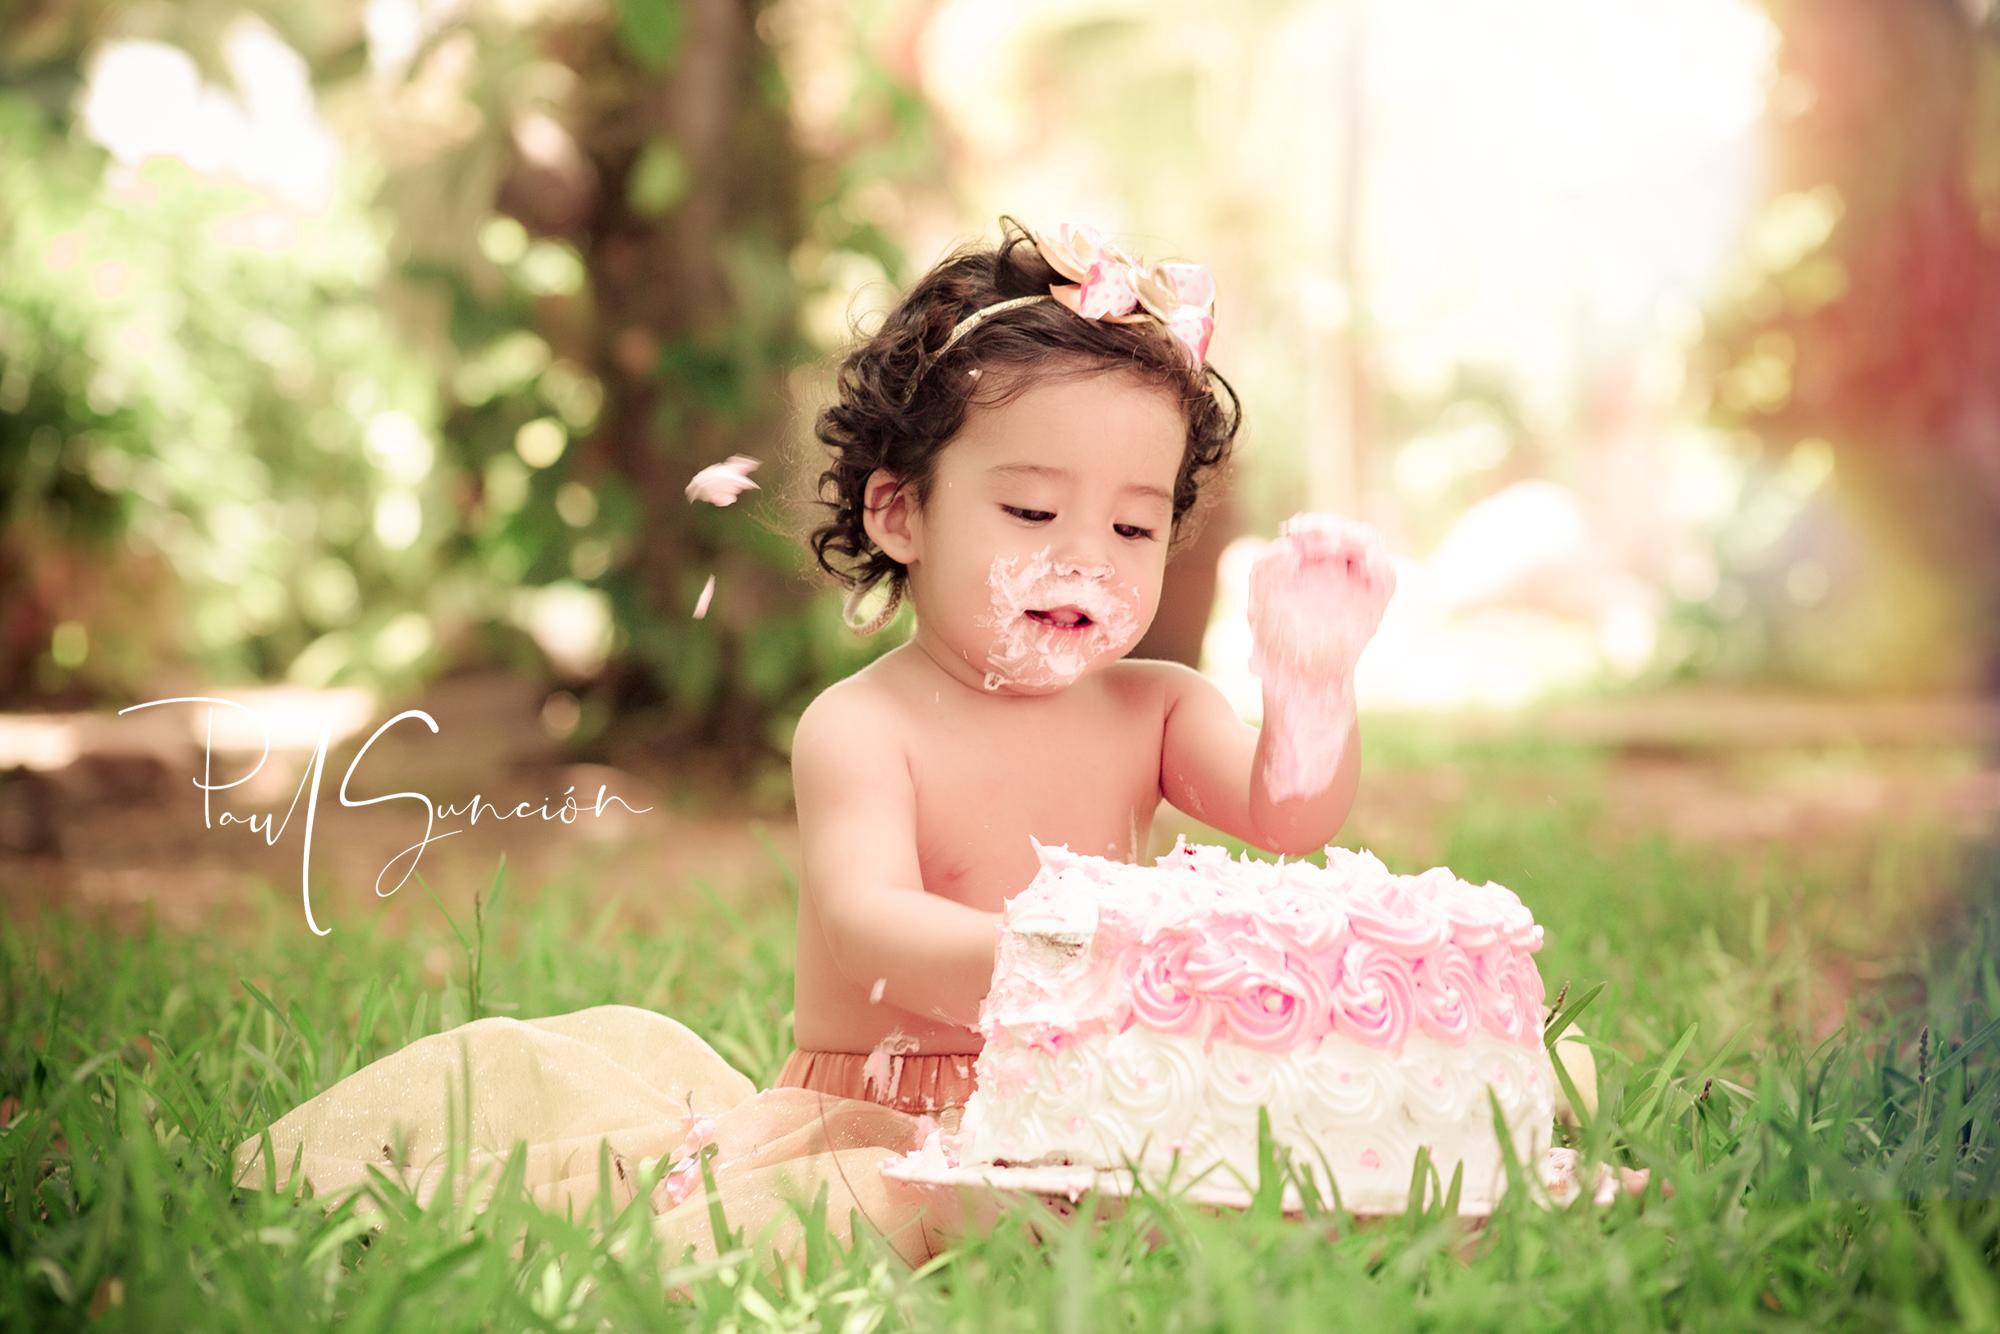 Sesión de Fotos Smasch Cake a la pequeña Rafaella